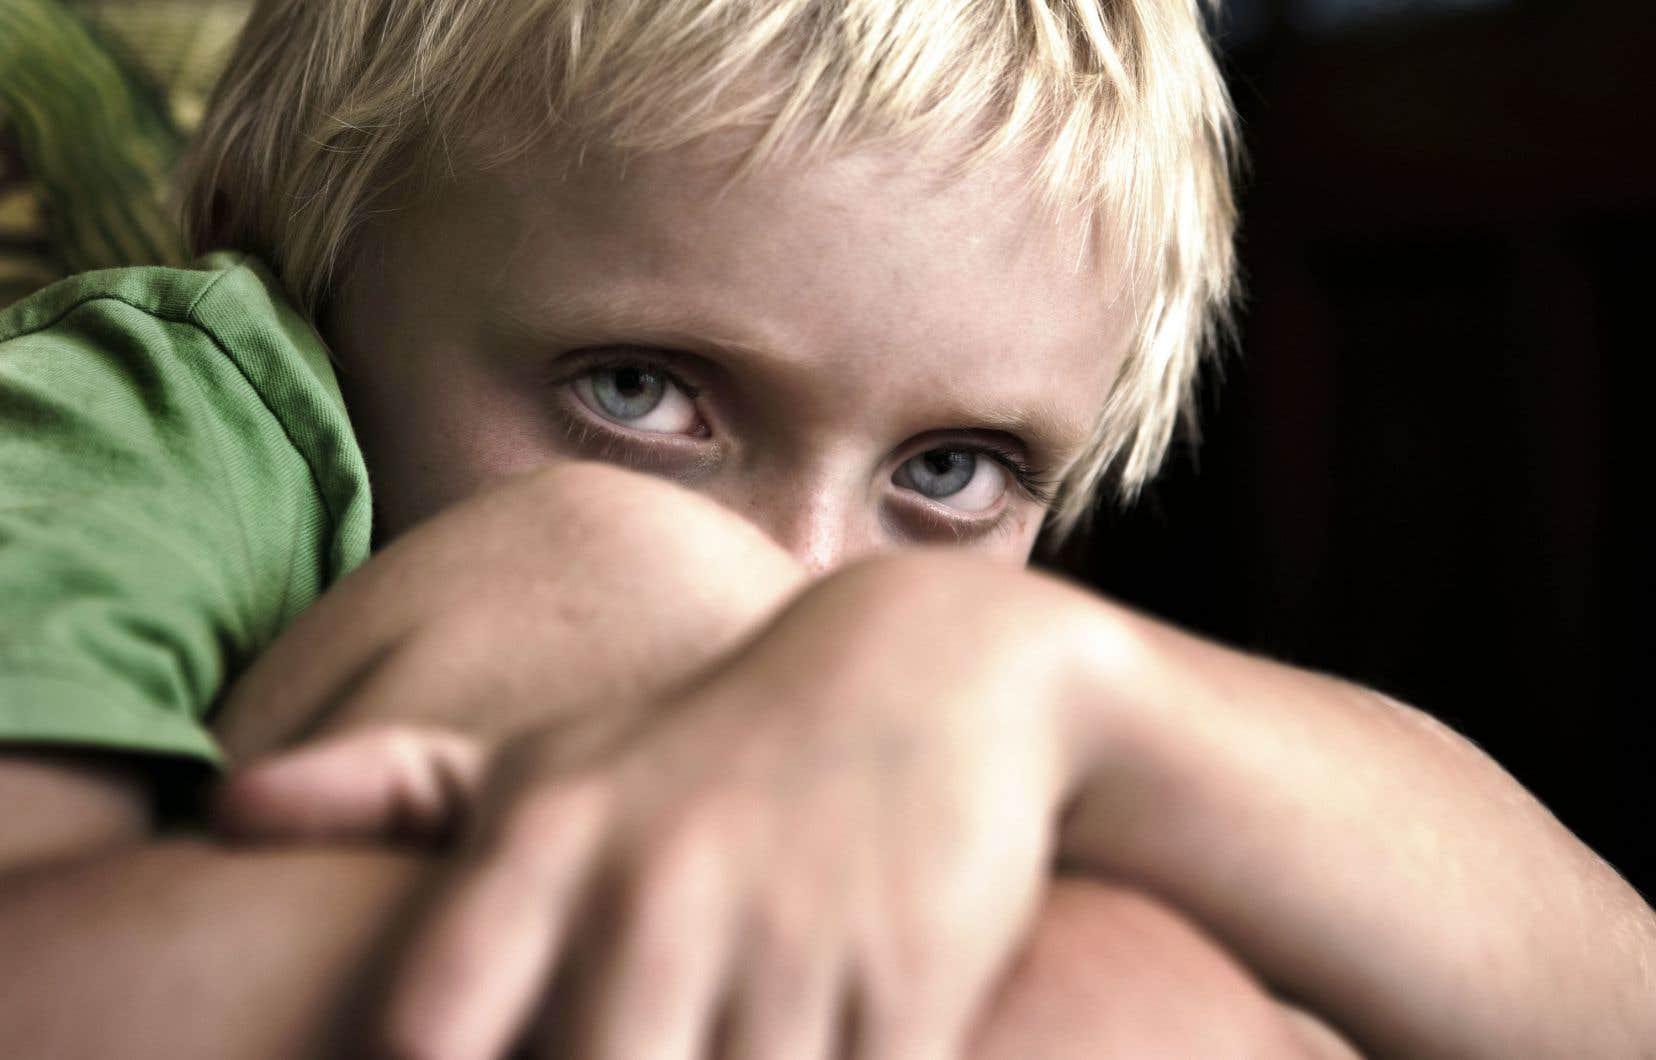 Les variantes génétiques qui ont été identifiées comme étant associées au TDAH sont très communes dans la population. Chaque personne dans la population possède certaines de ces variantes génétiques qui augmentent son risque de développer le TDAH.